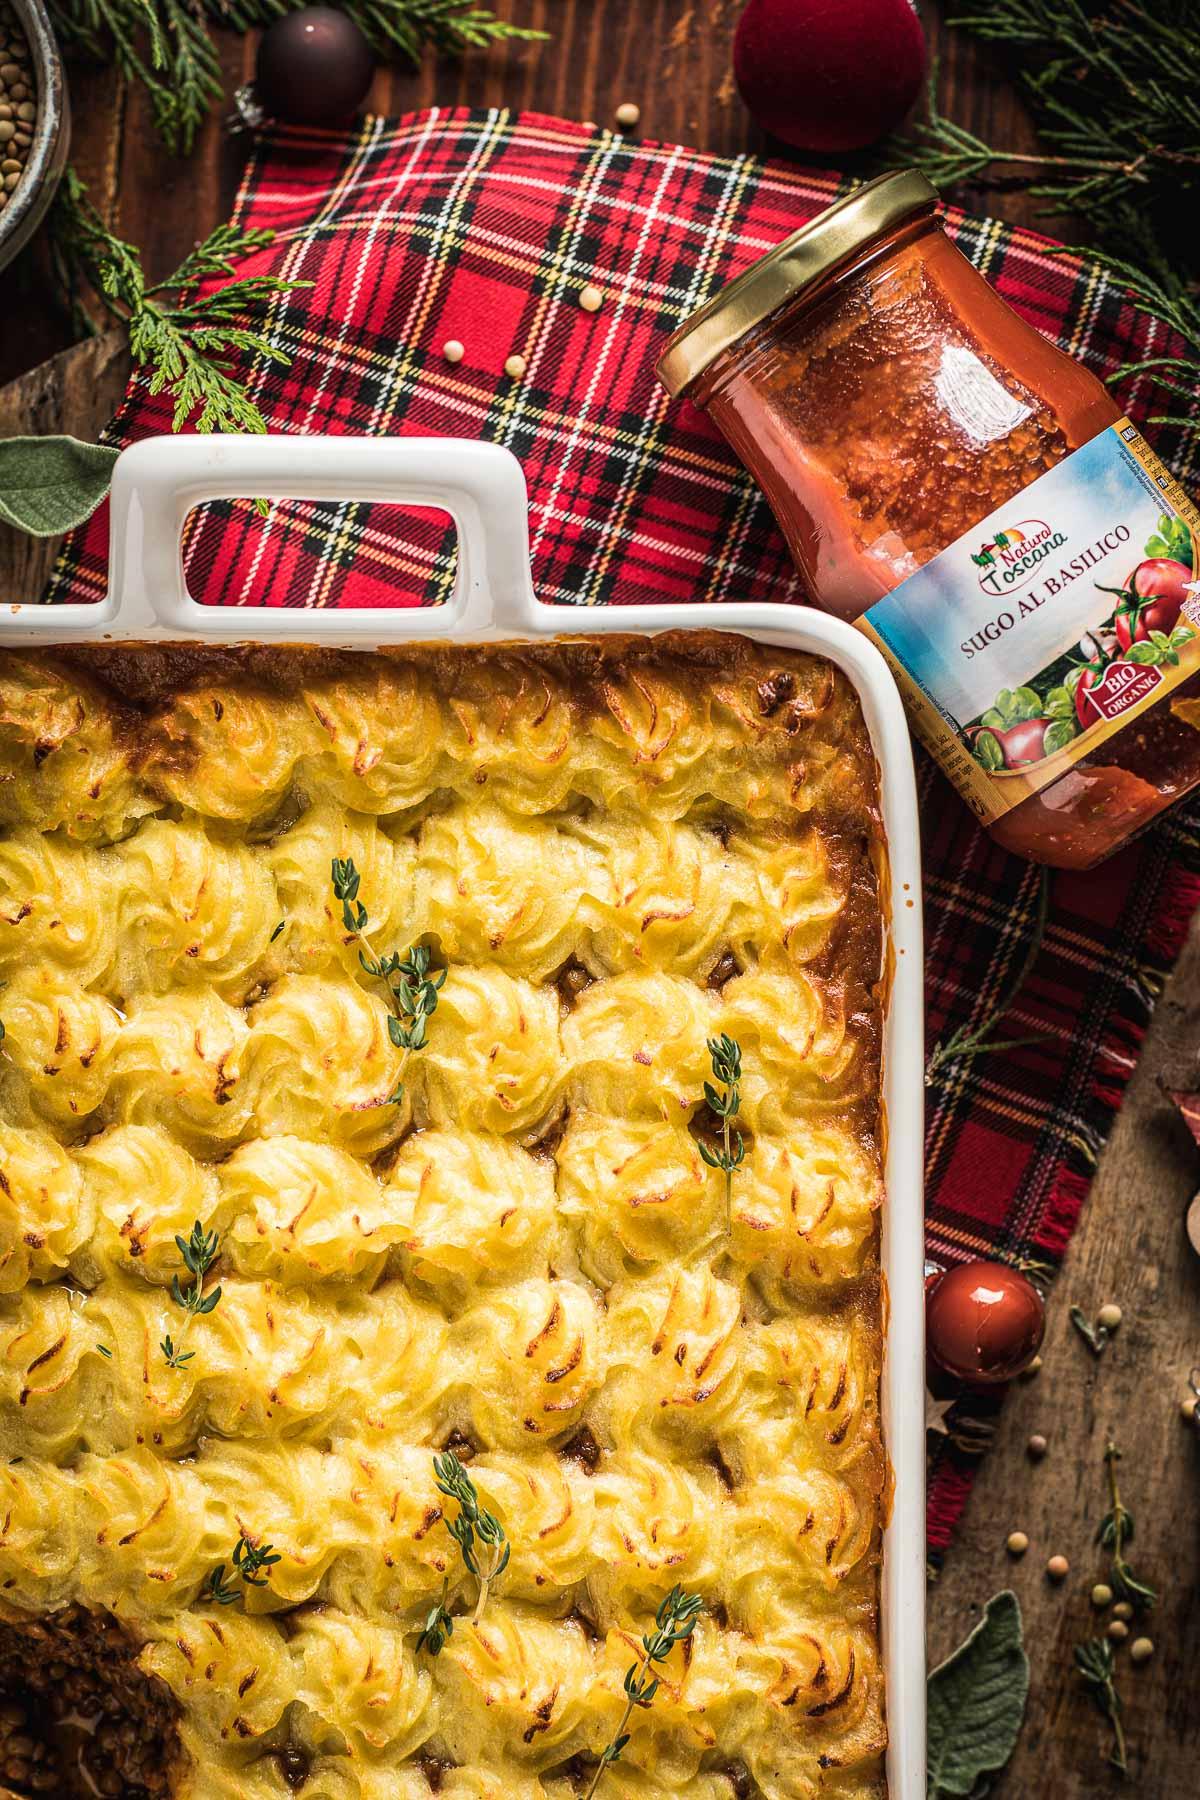 ricetta di Natale Shepherd's Pie vegana di lenticchie con ragù di lenticchie funghi e purè di patate healthy Vegan Shepherd's Pie recipe with lentil ragu for Thanksgiving